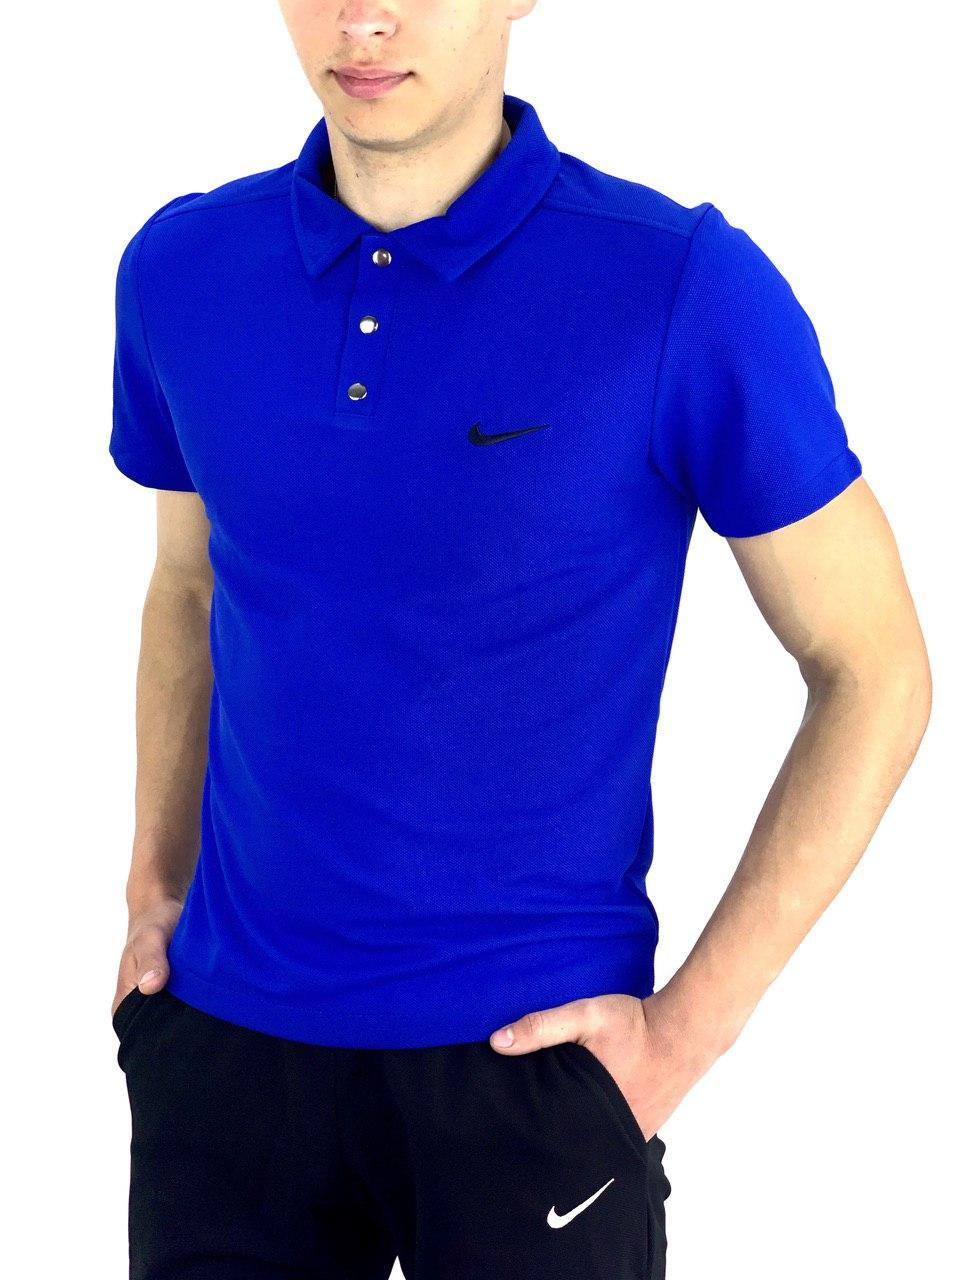 Футболка Поло Мужская синяя в стиле Nike (Найк)